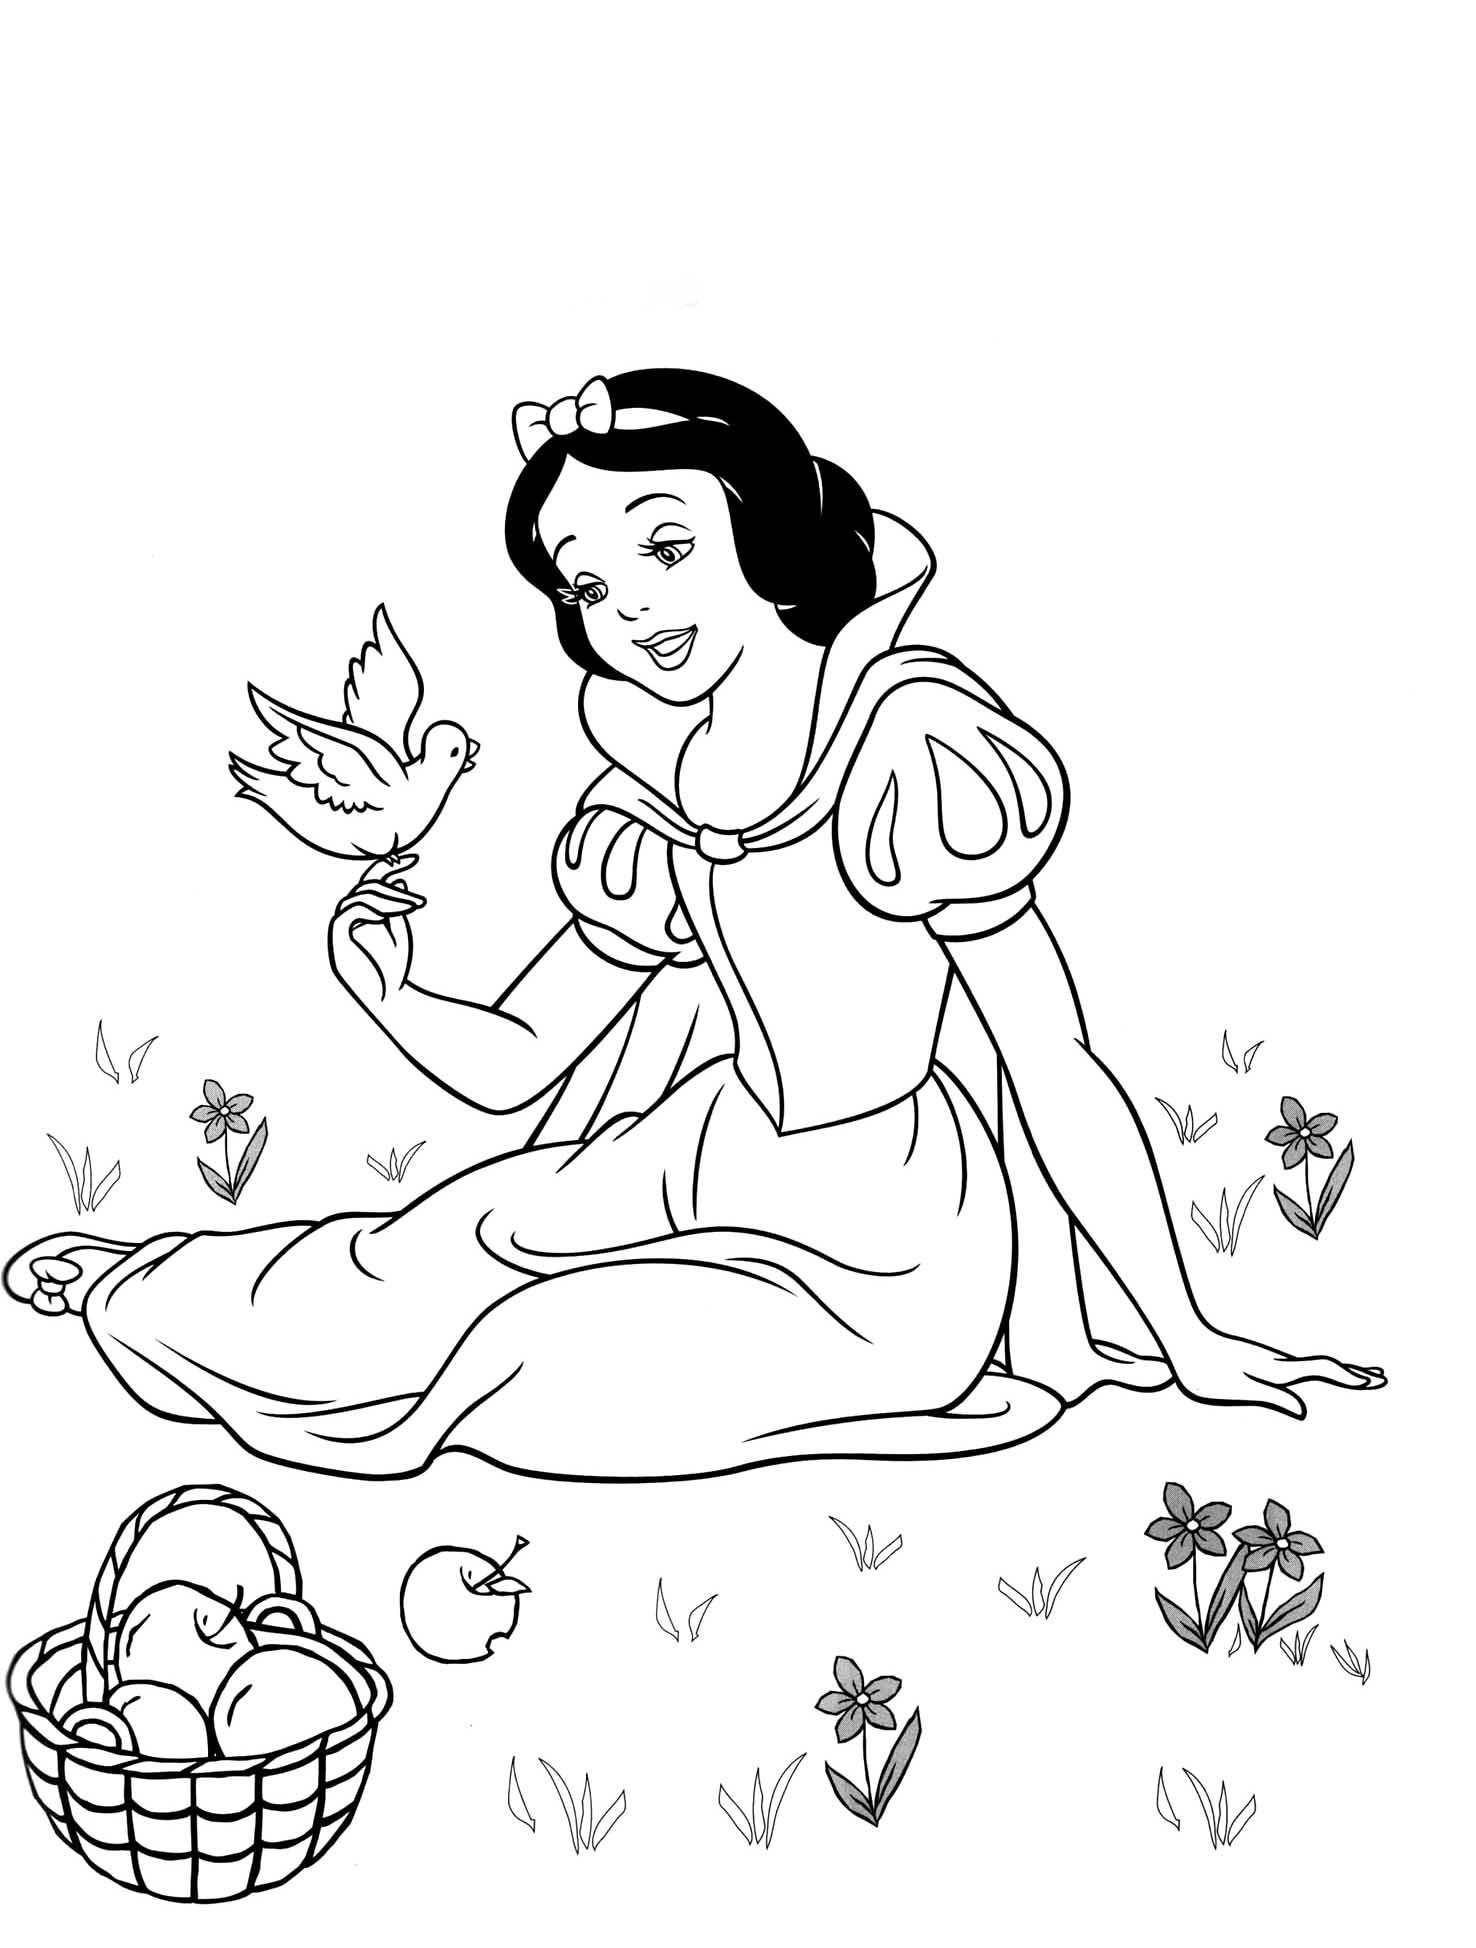 Coloriage Blanche-Neige Disney À Imprimer concernant Blanche Neige À Colorier Et Imprimer